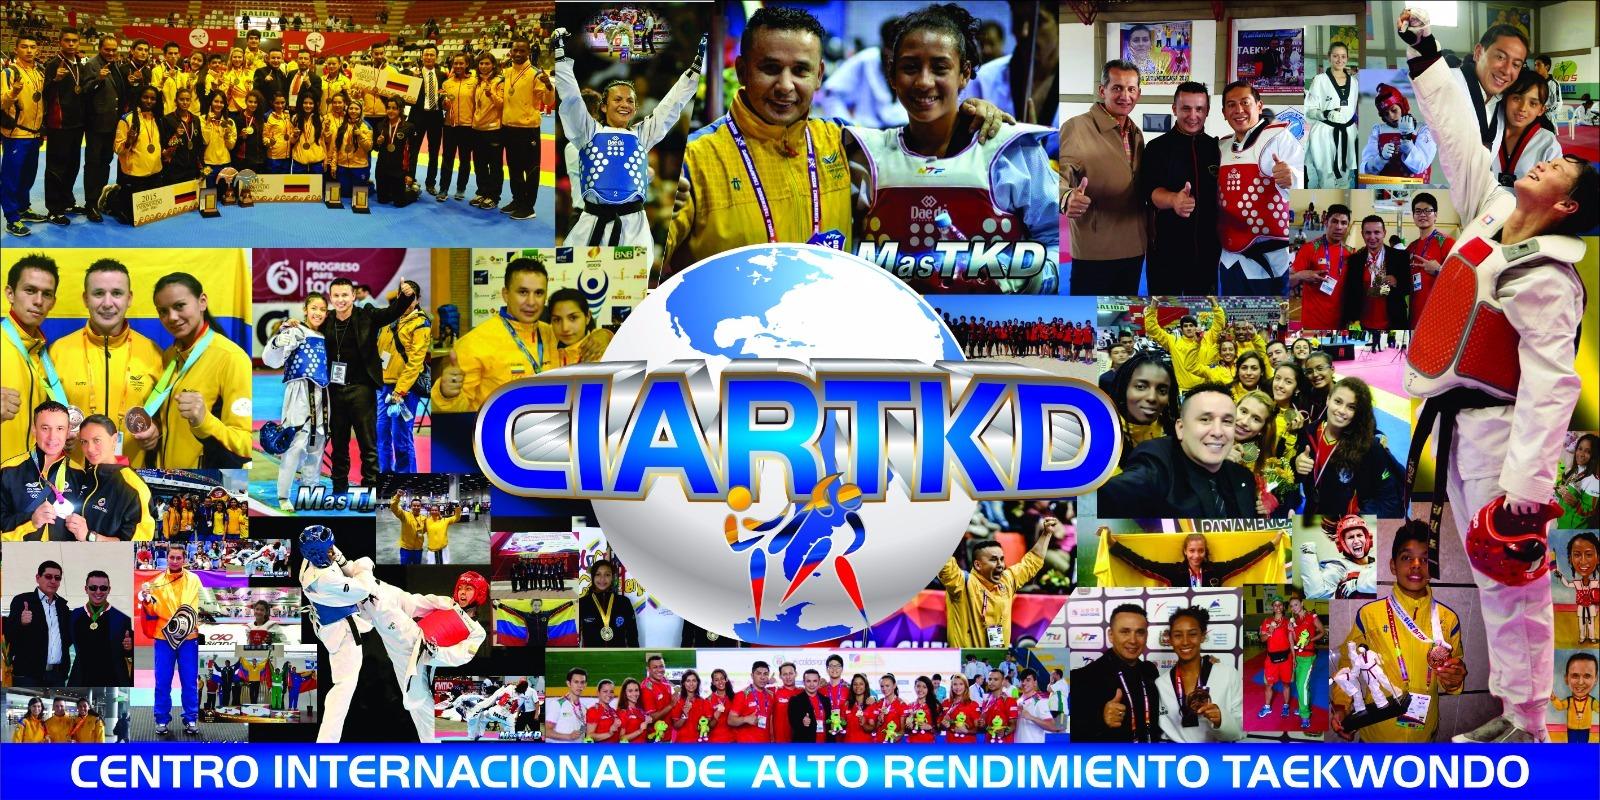 Cito6